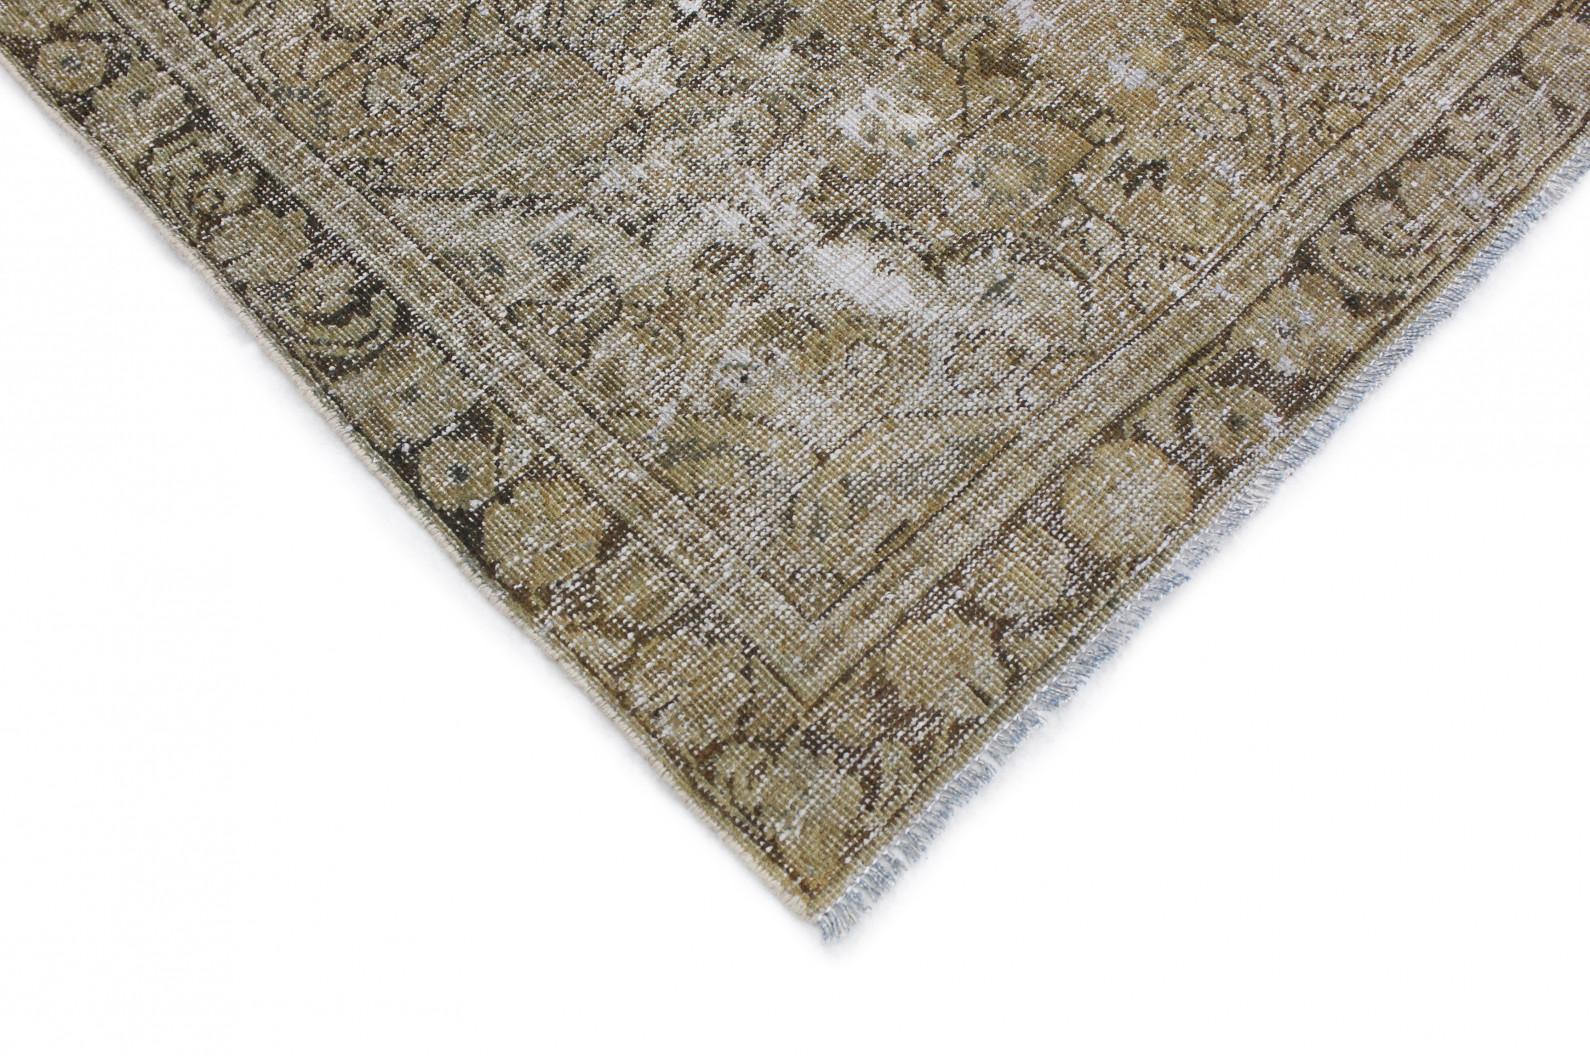 vintage teppich grau in 190x130 1001 177280 bei kaufen. Black Bedroom Furniture Sets. Home Design Ideas